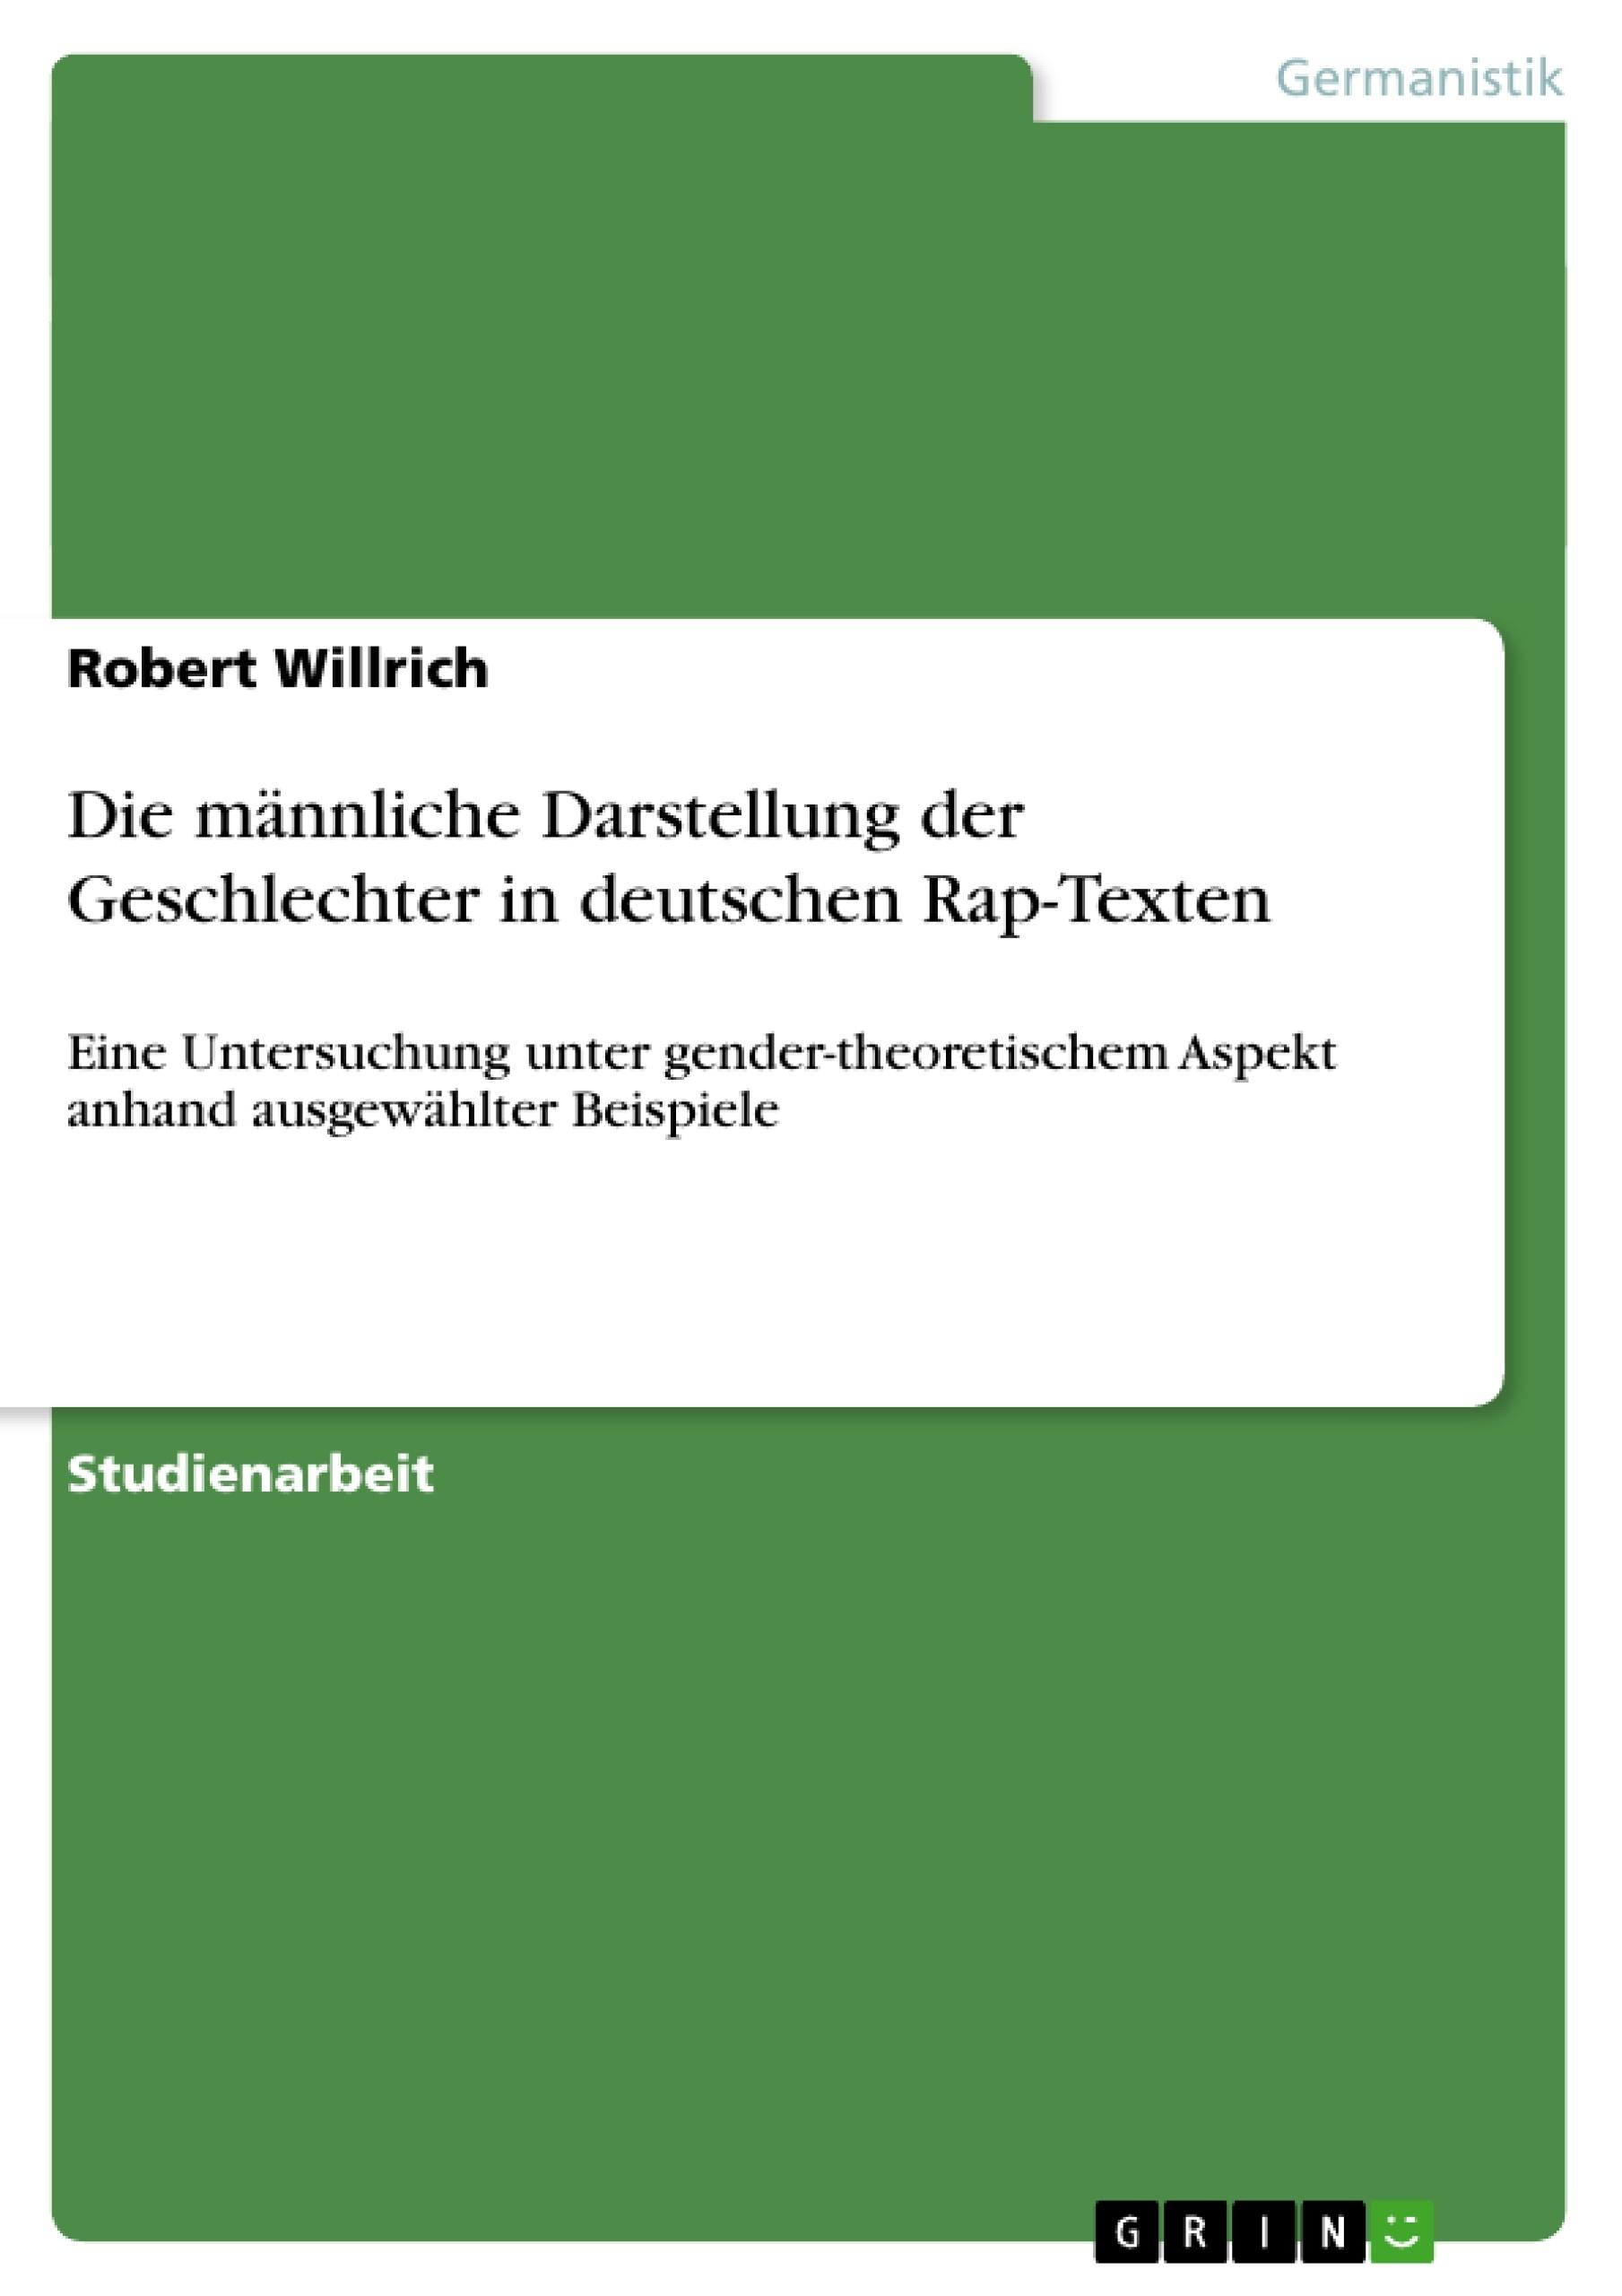 Titel: Die männliche Darstellung der Geschlechter in deutschen Rap-Texten